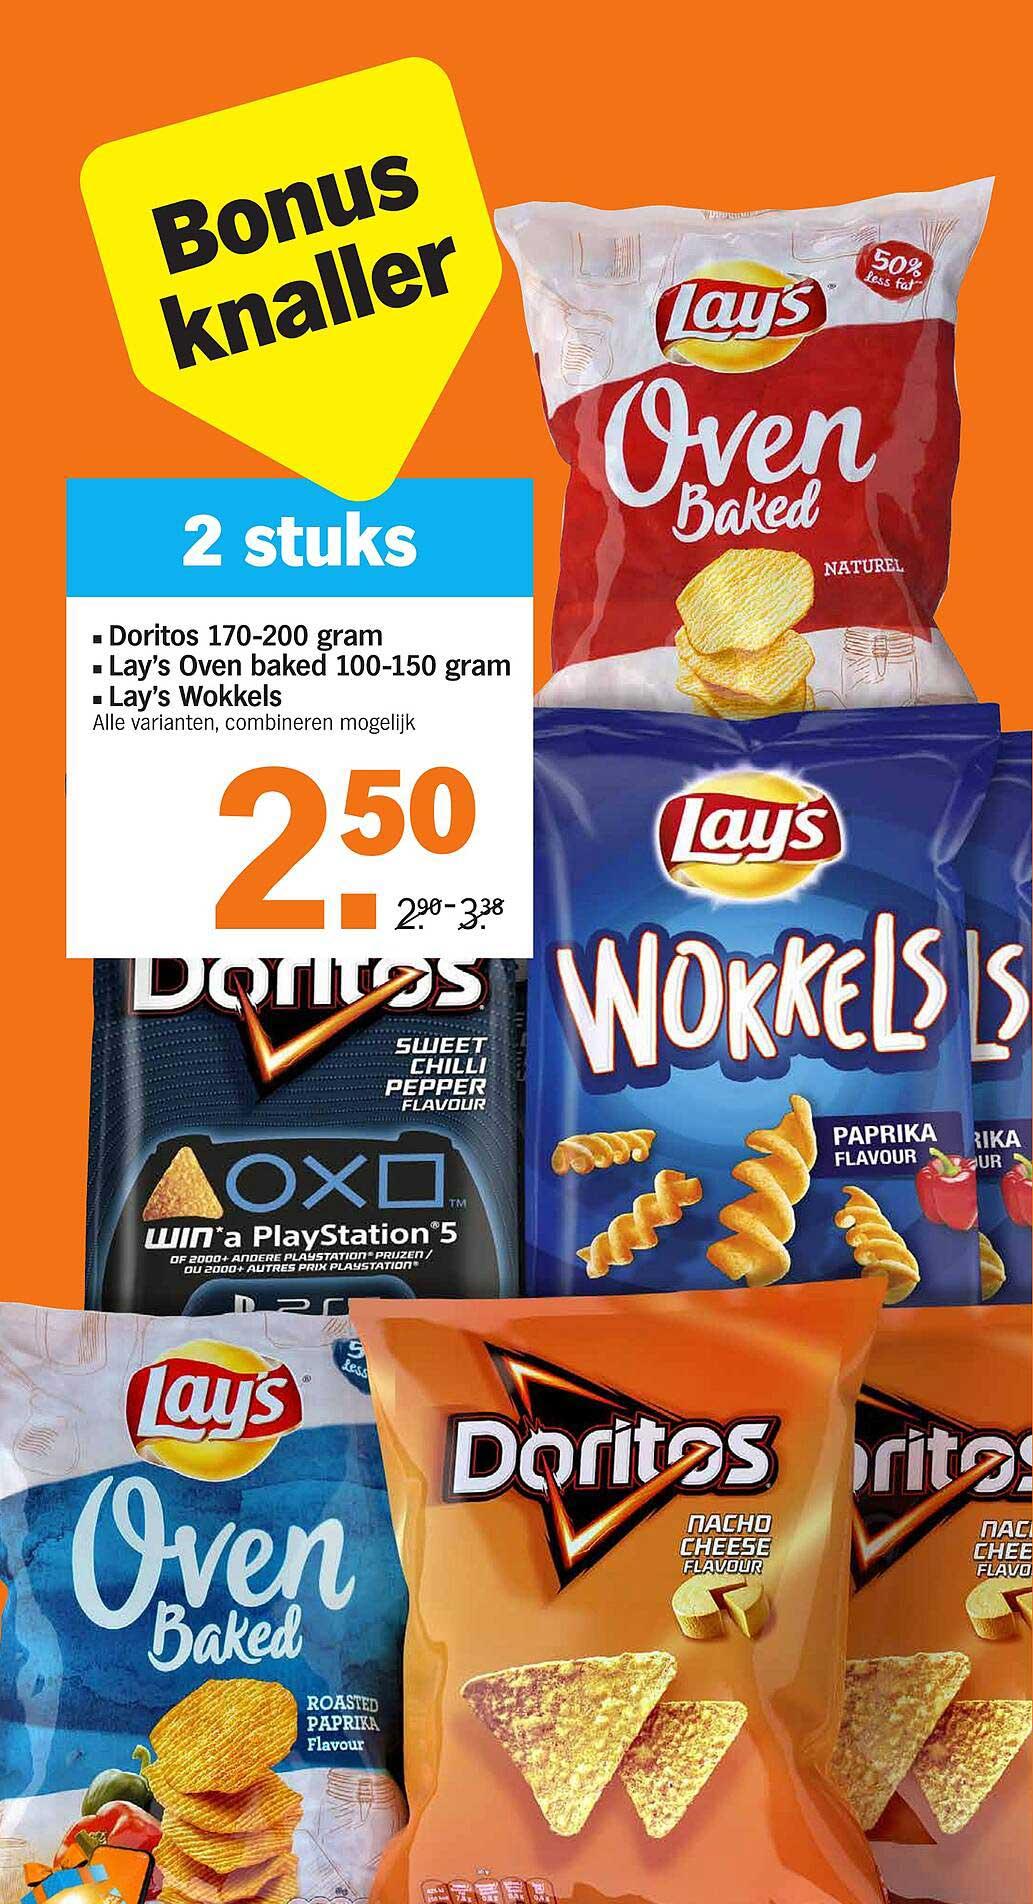 Albert Heijn Doritos 170-200 Gram, Lay's Oven Baked 100-150 Gram Of Lay's Wokkels